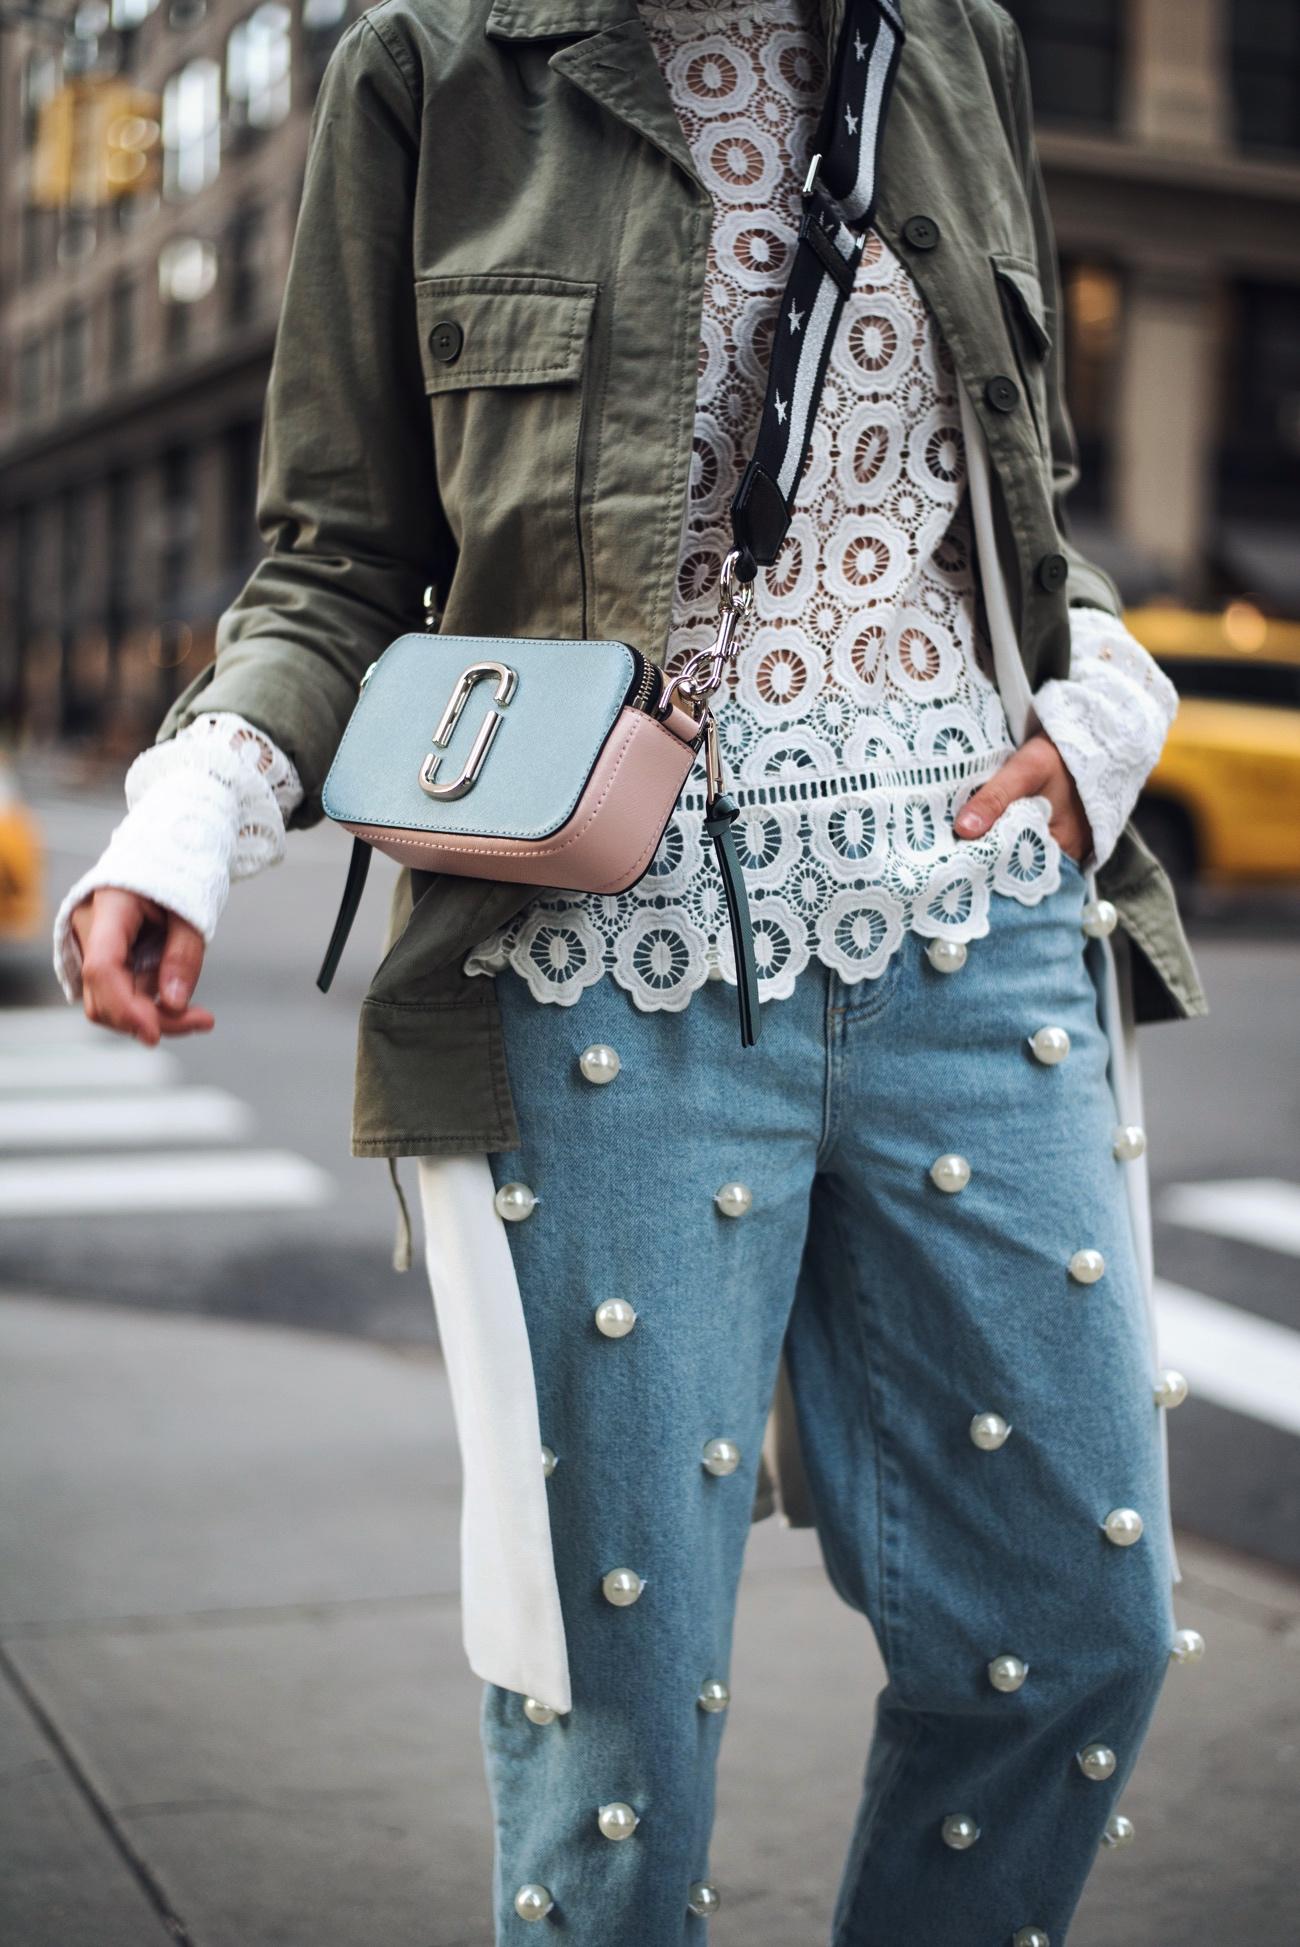 jeans-hose-mit-perlen-verzierung-kaufen-selber-machen-fashiioncarpet